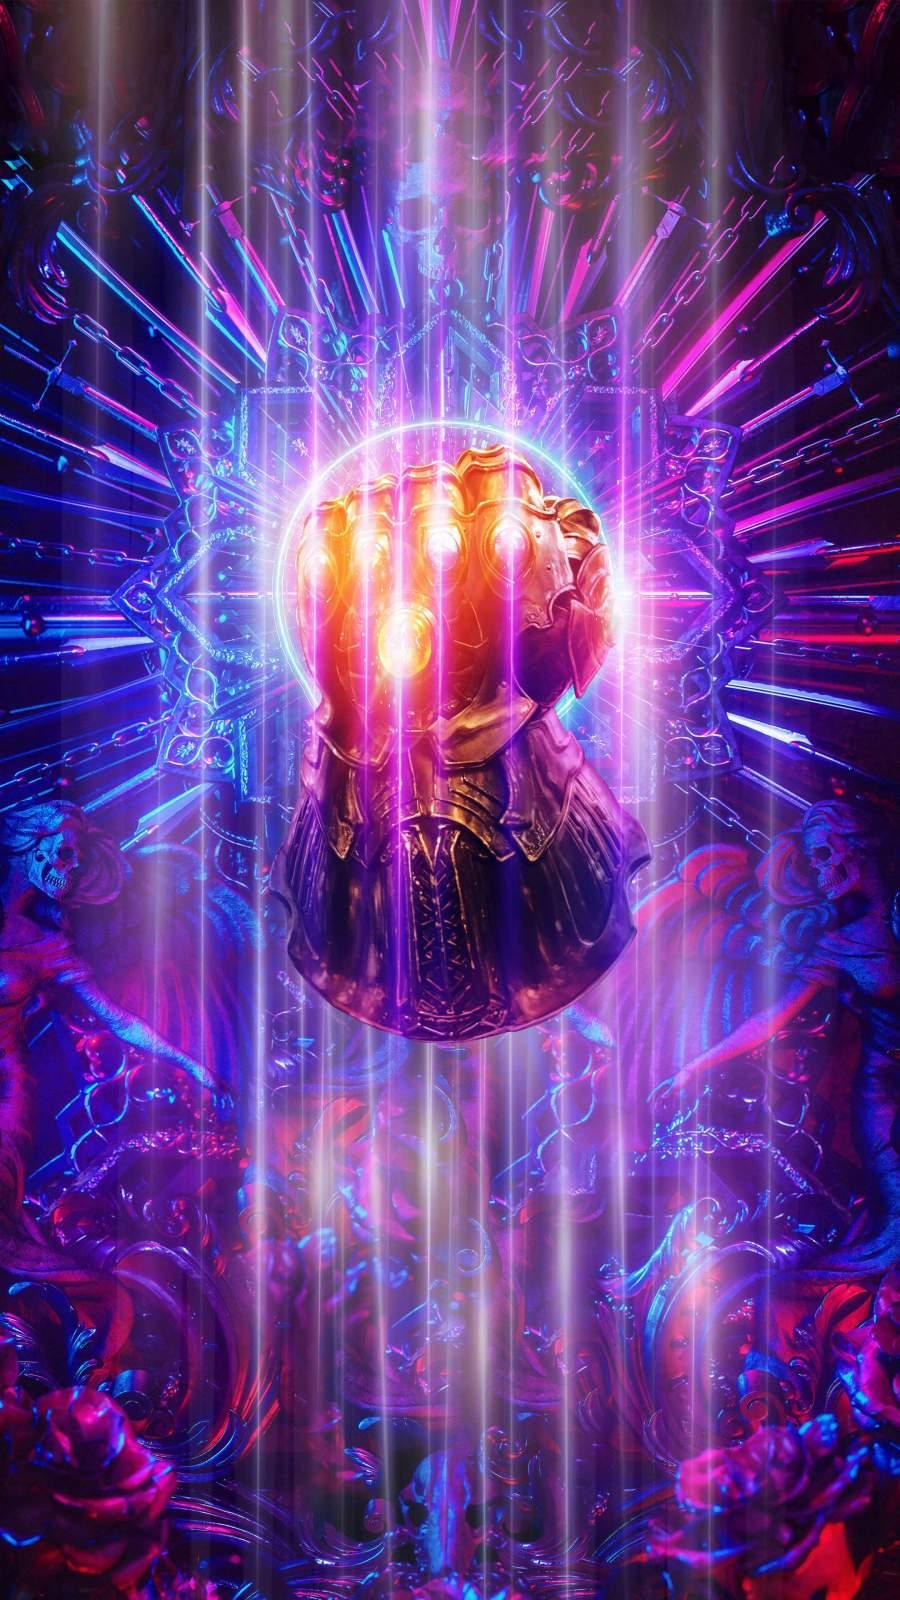 Thanos Infinity Gauntlet iPhone Wallpaper